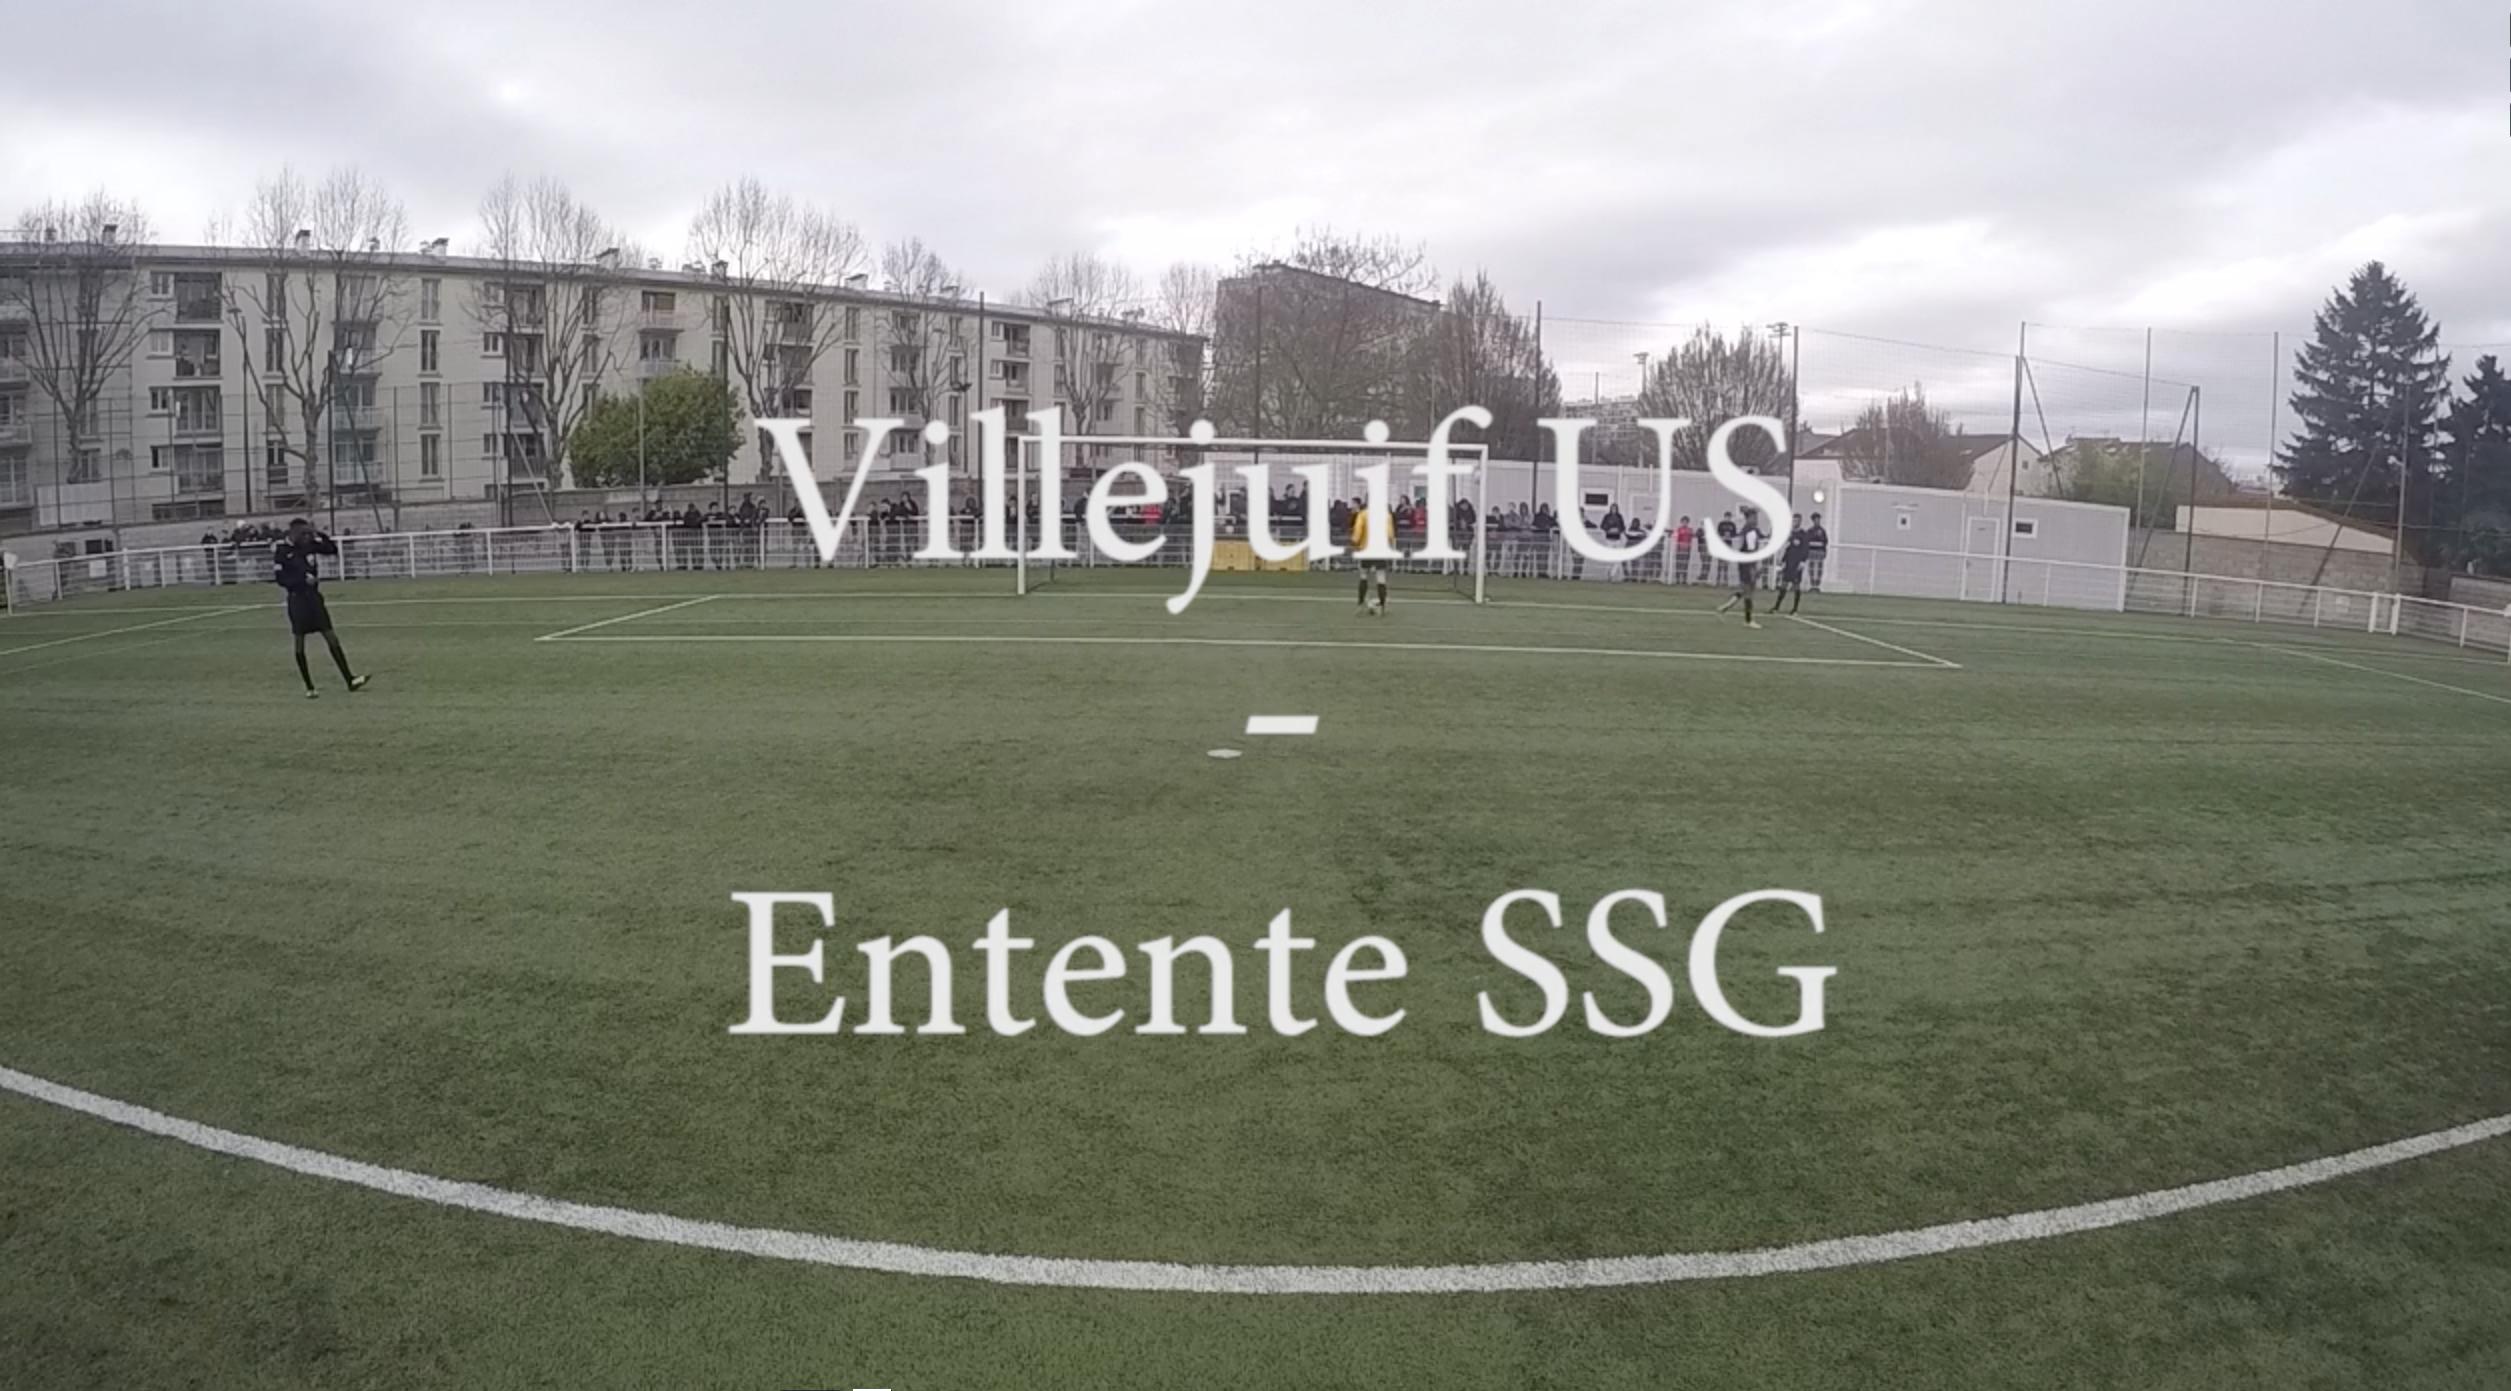 Villejuif US – Entente SSG